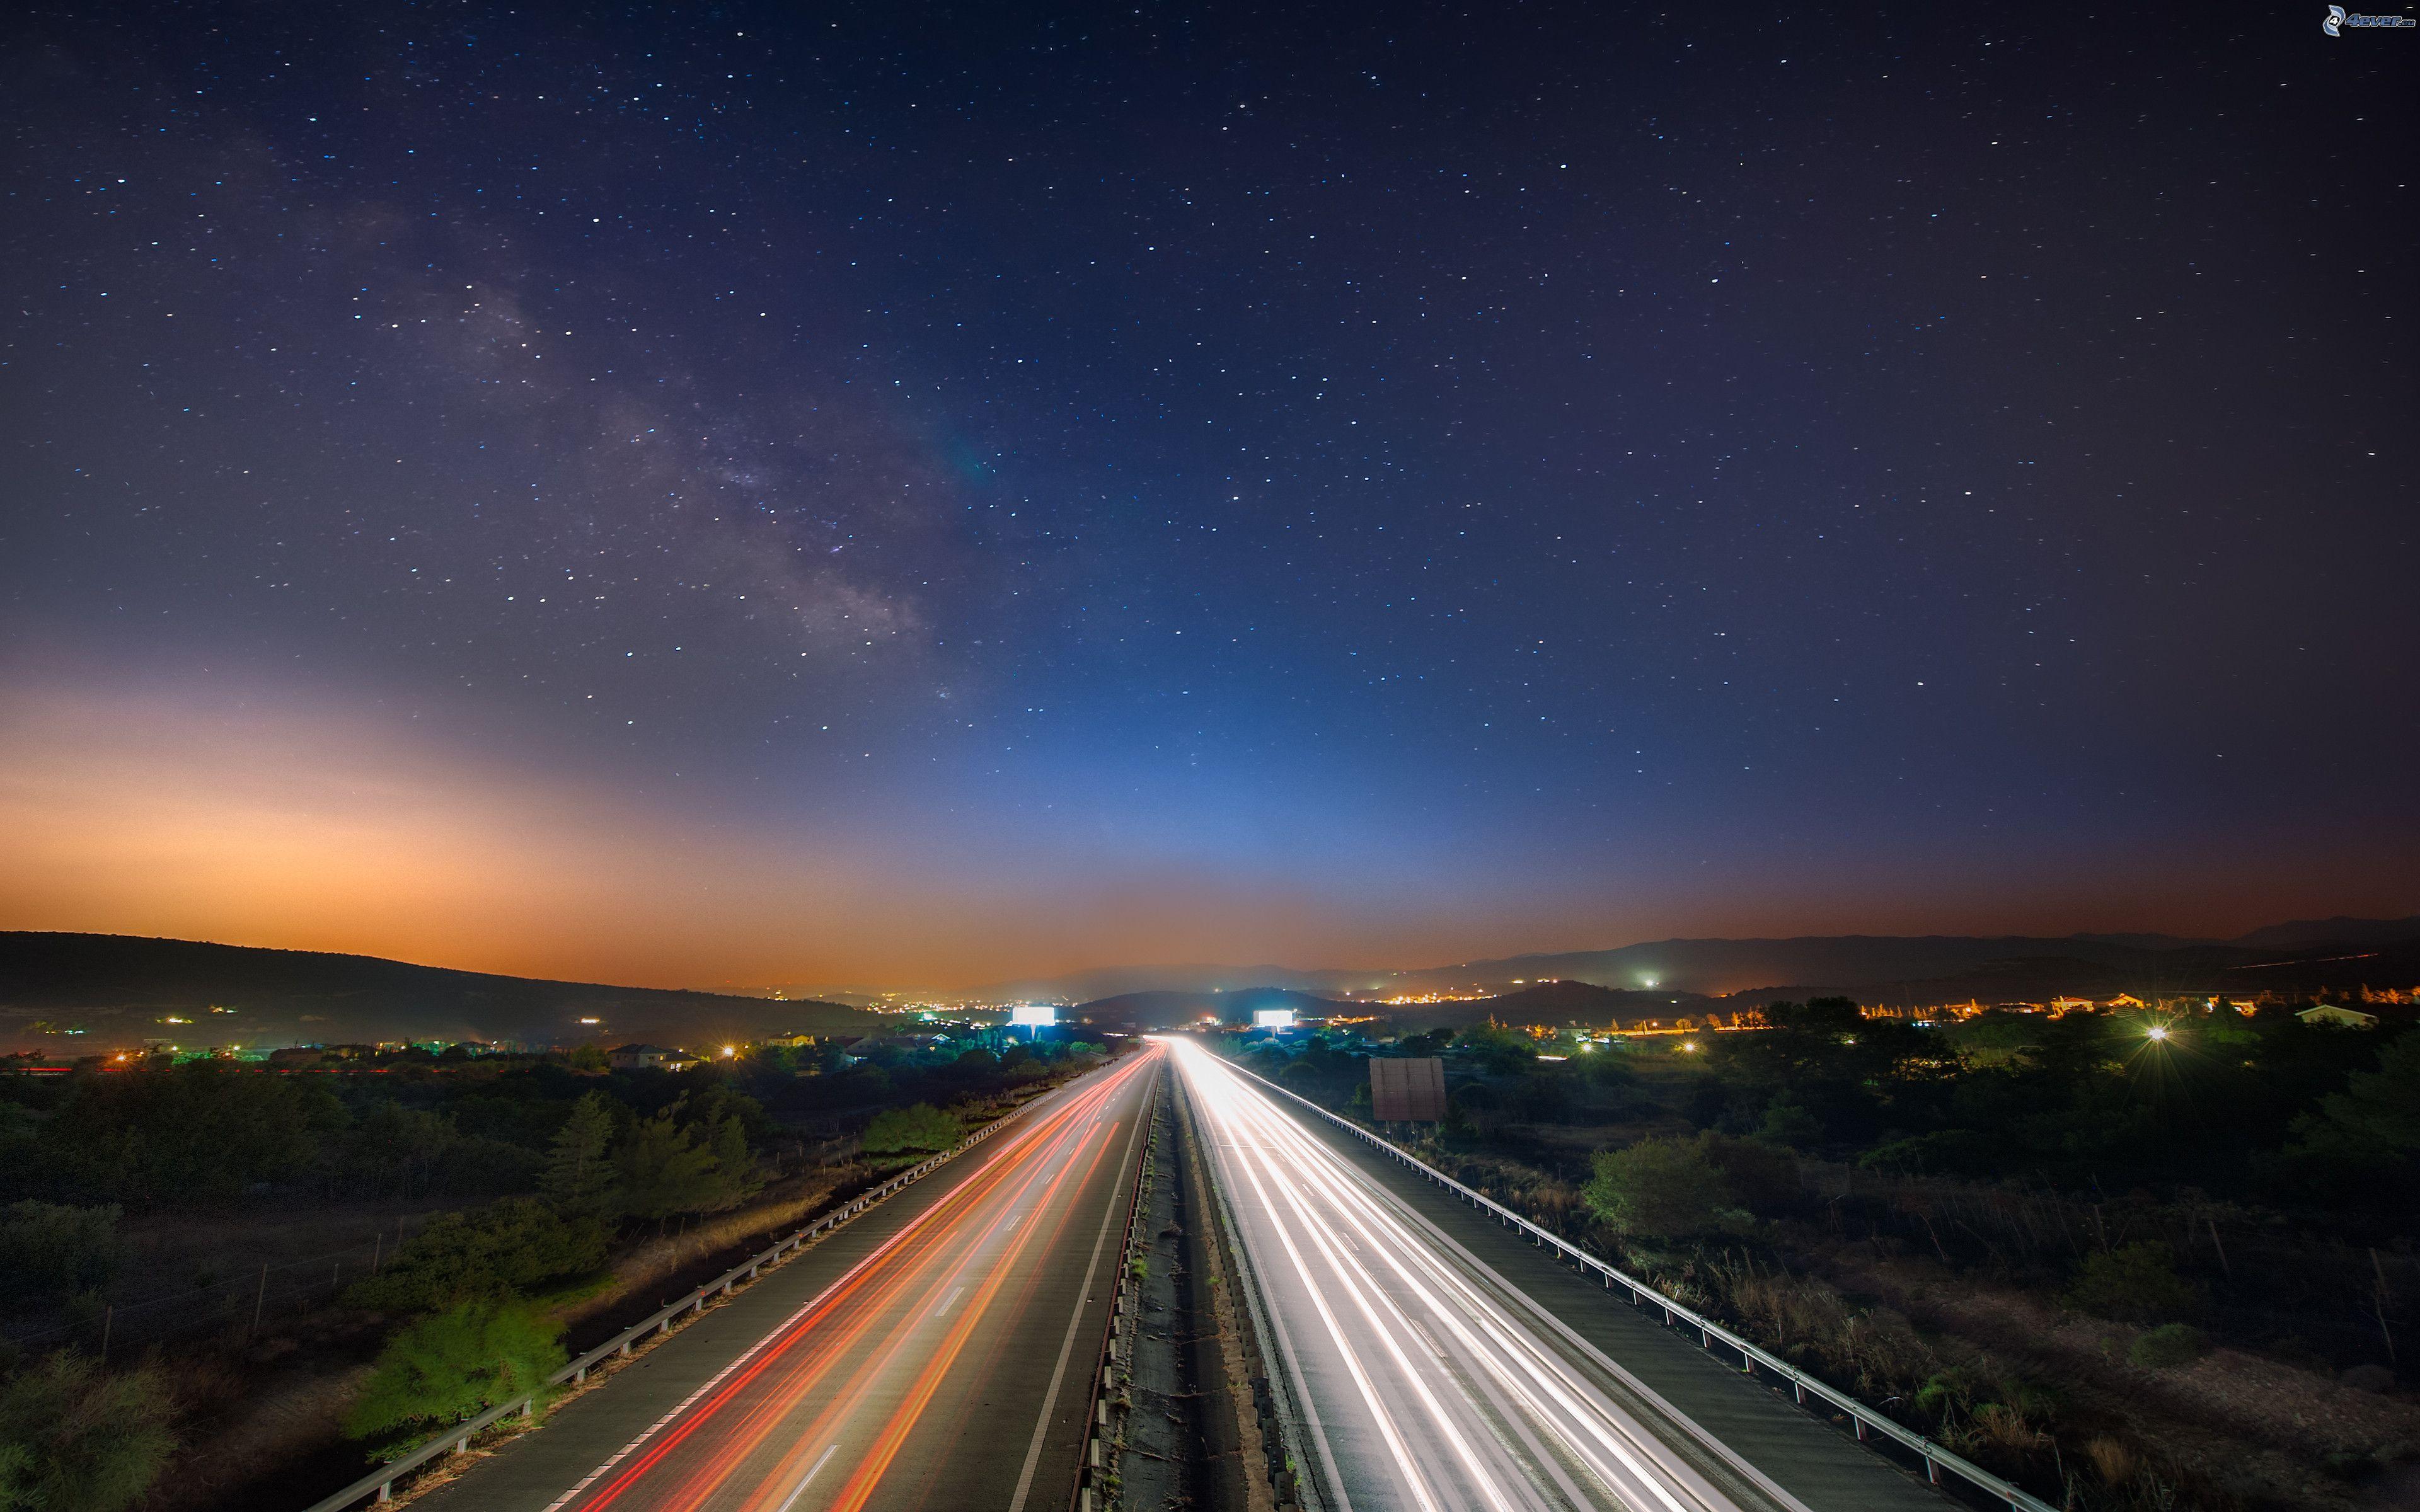 autovía nocturno amanecer